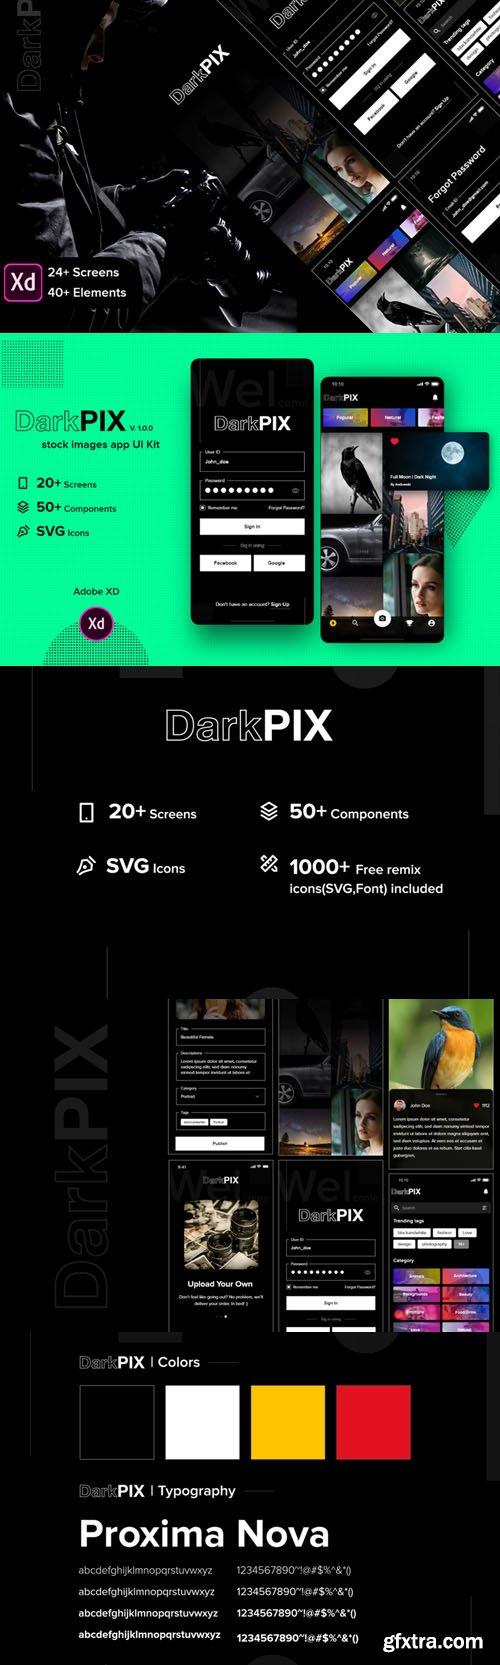 DarkPIX UI Kit v1